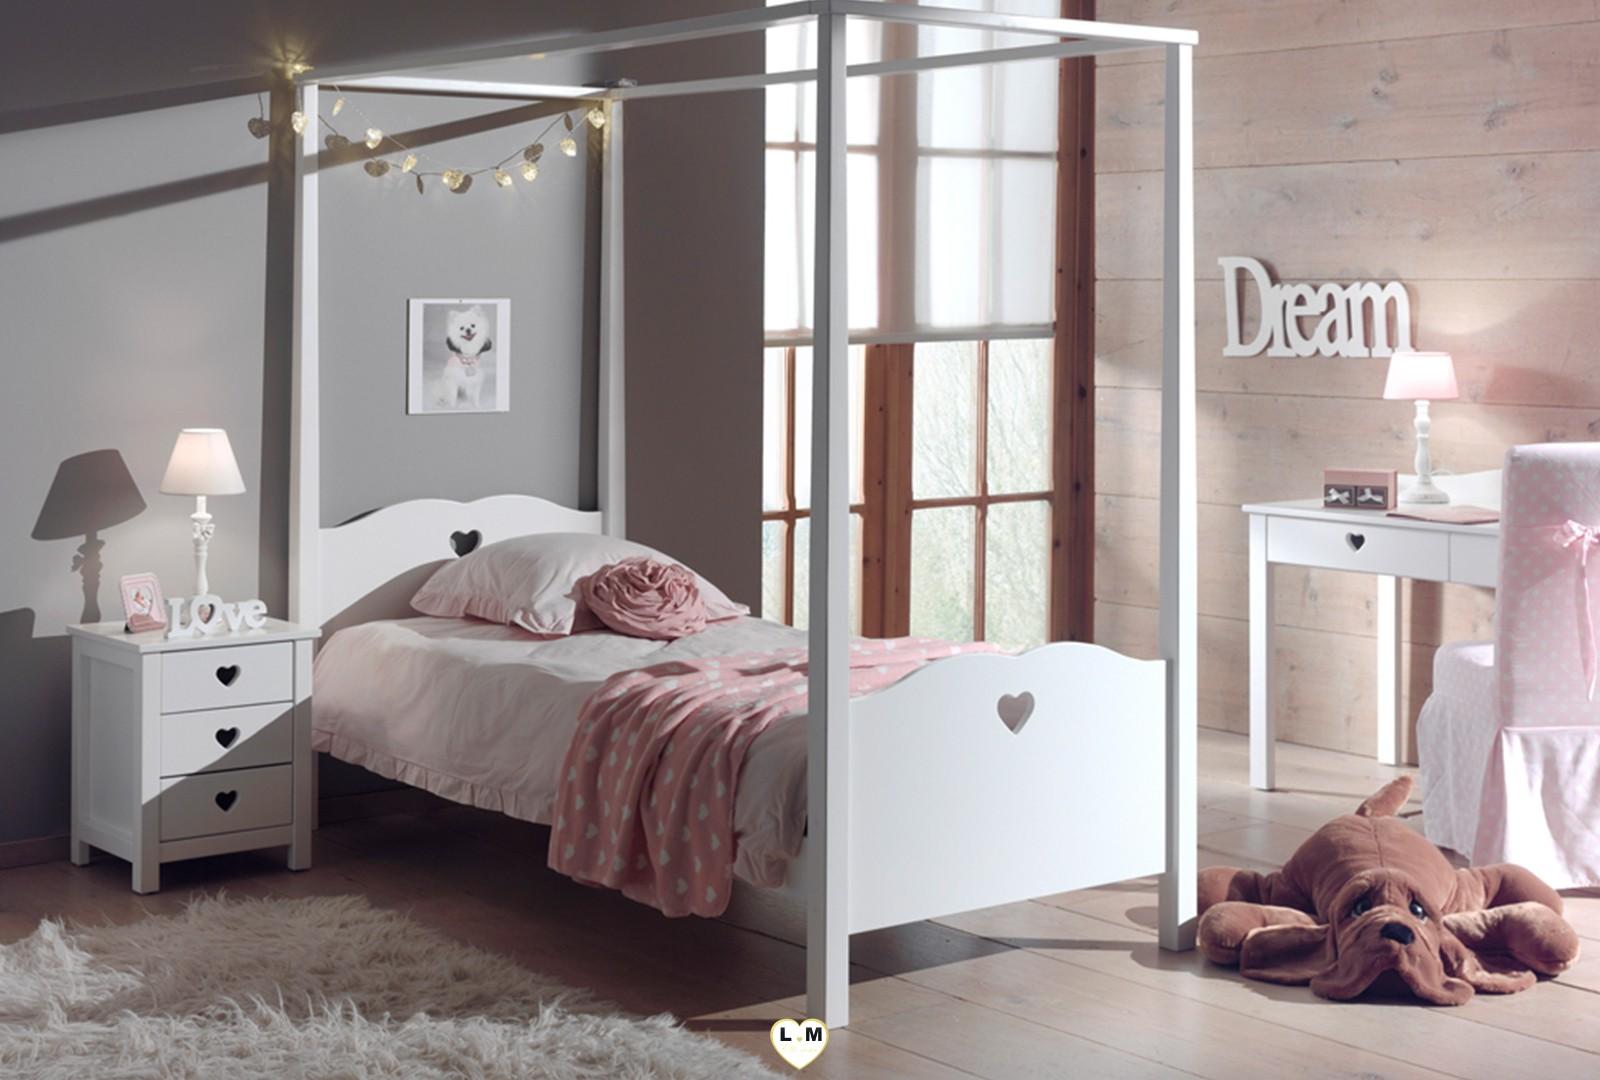 Amour baldaquin laque blanc mat ensemble chambre enfant lignemeuble com - Chambre d amour vin blanc ...